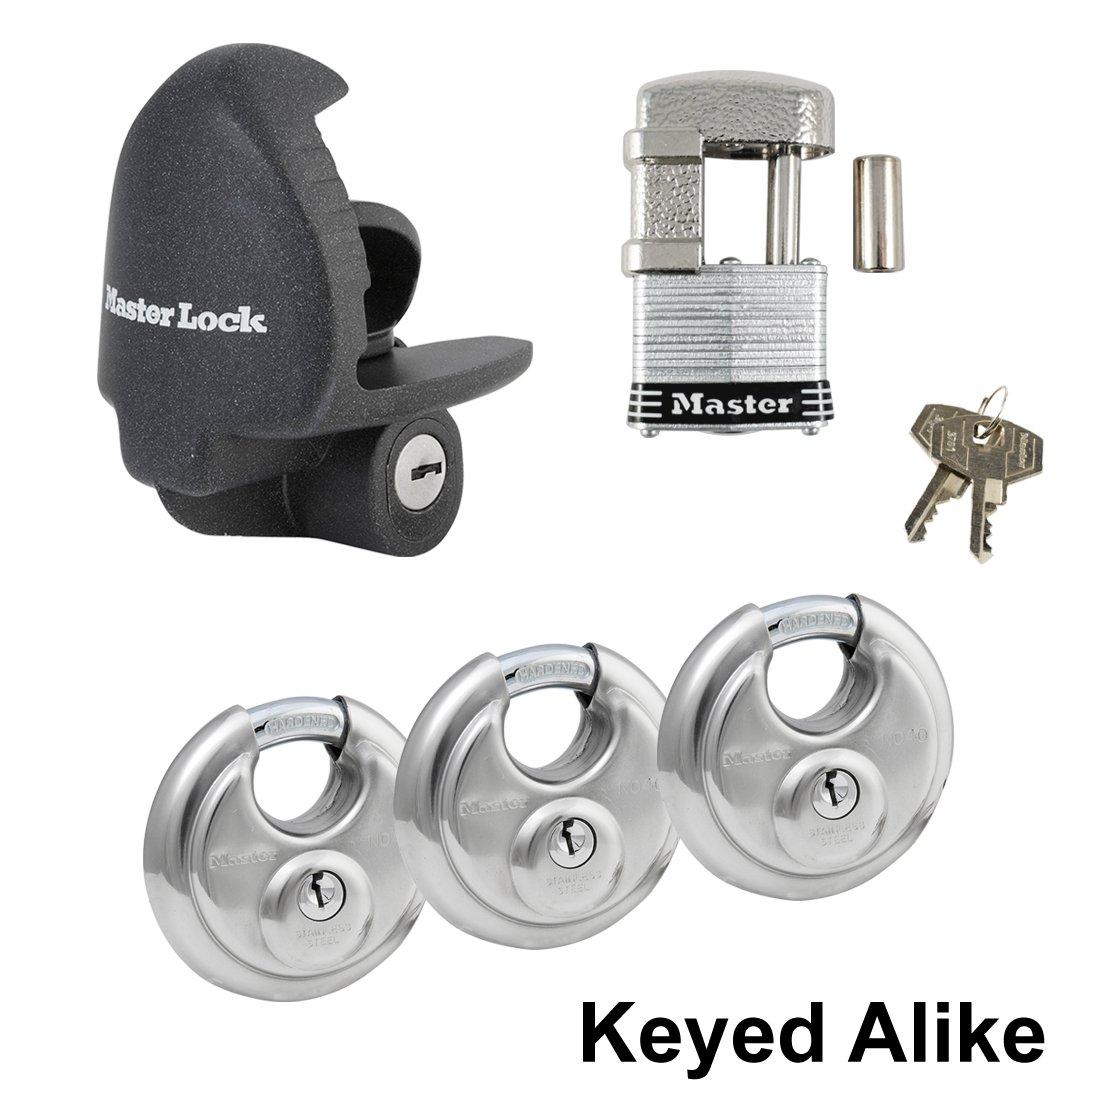 5 Trailer Locks Keyed Alike #5KA-37940-37 Master Trailer Locks-5 Master Lock